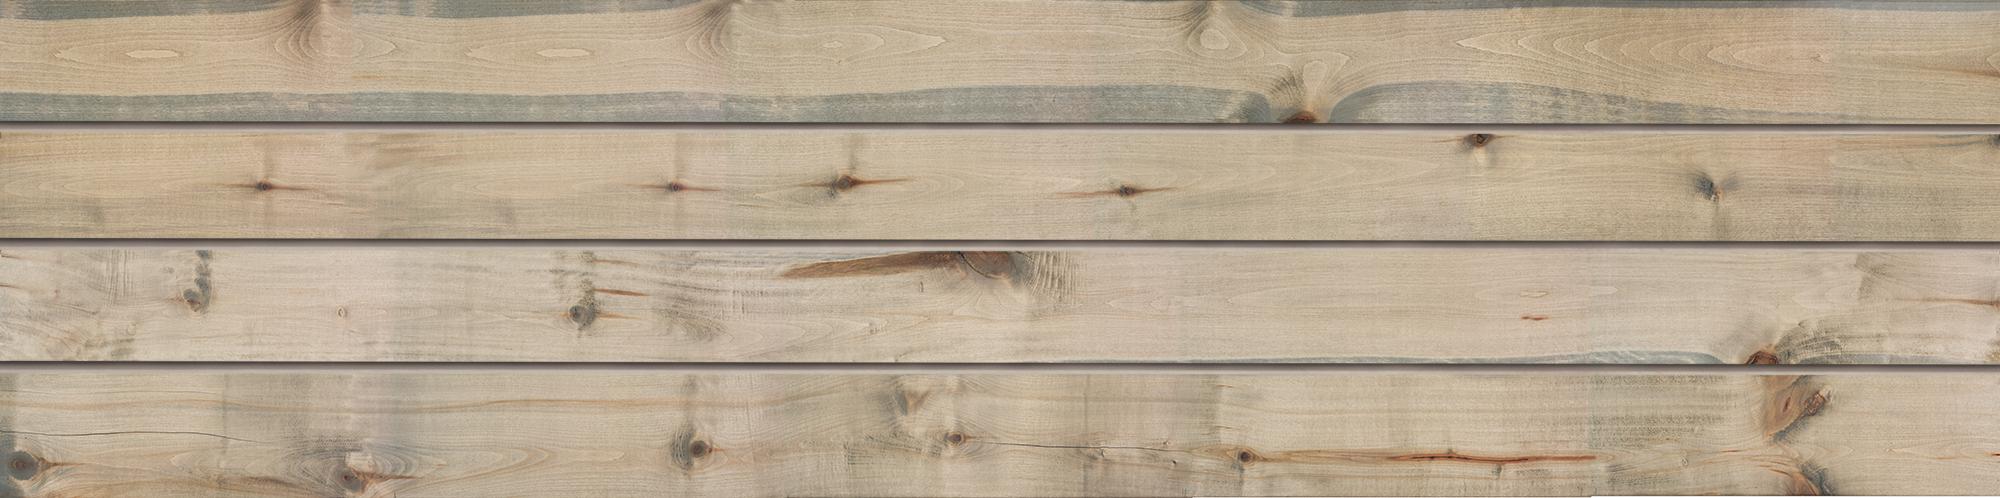 Driftwood full sheet.jpg